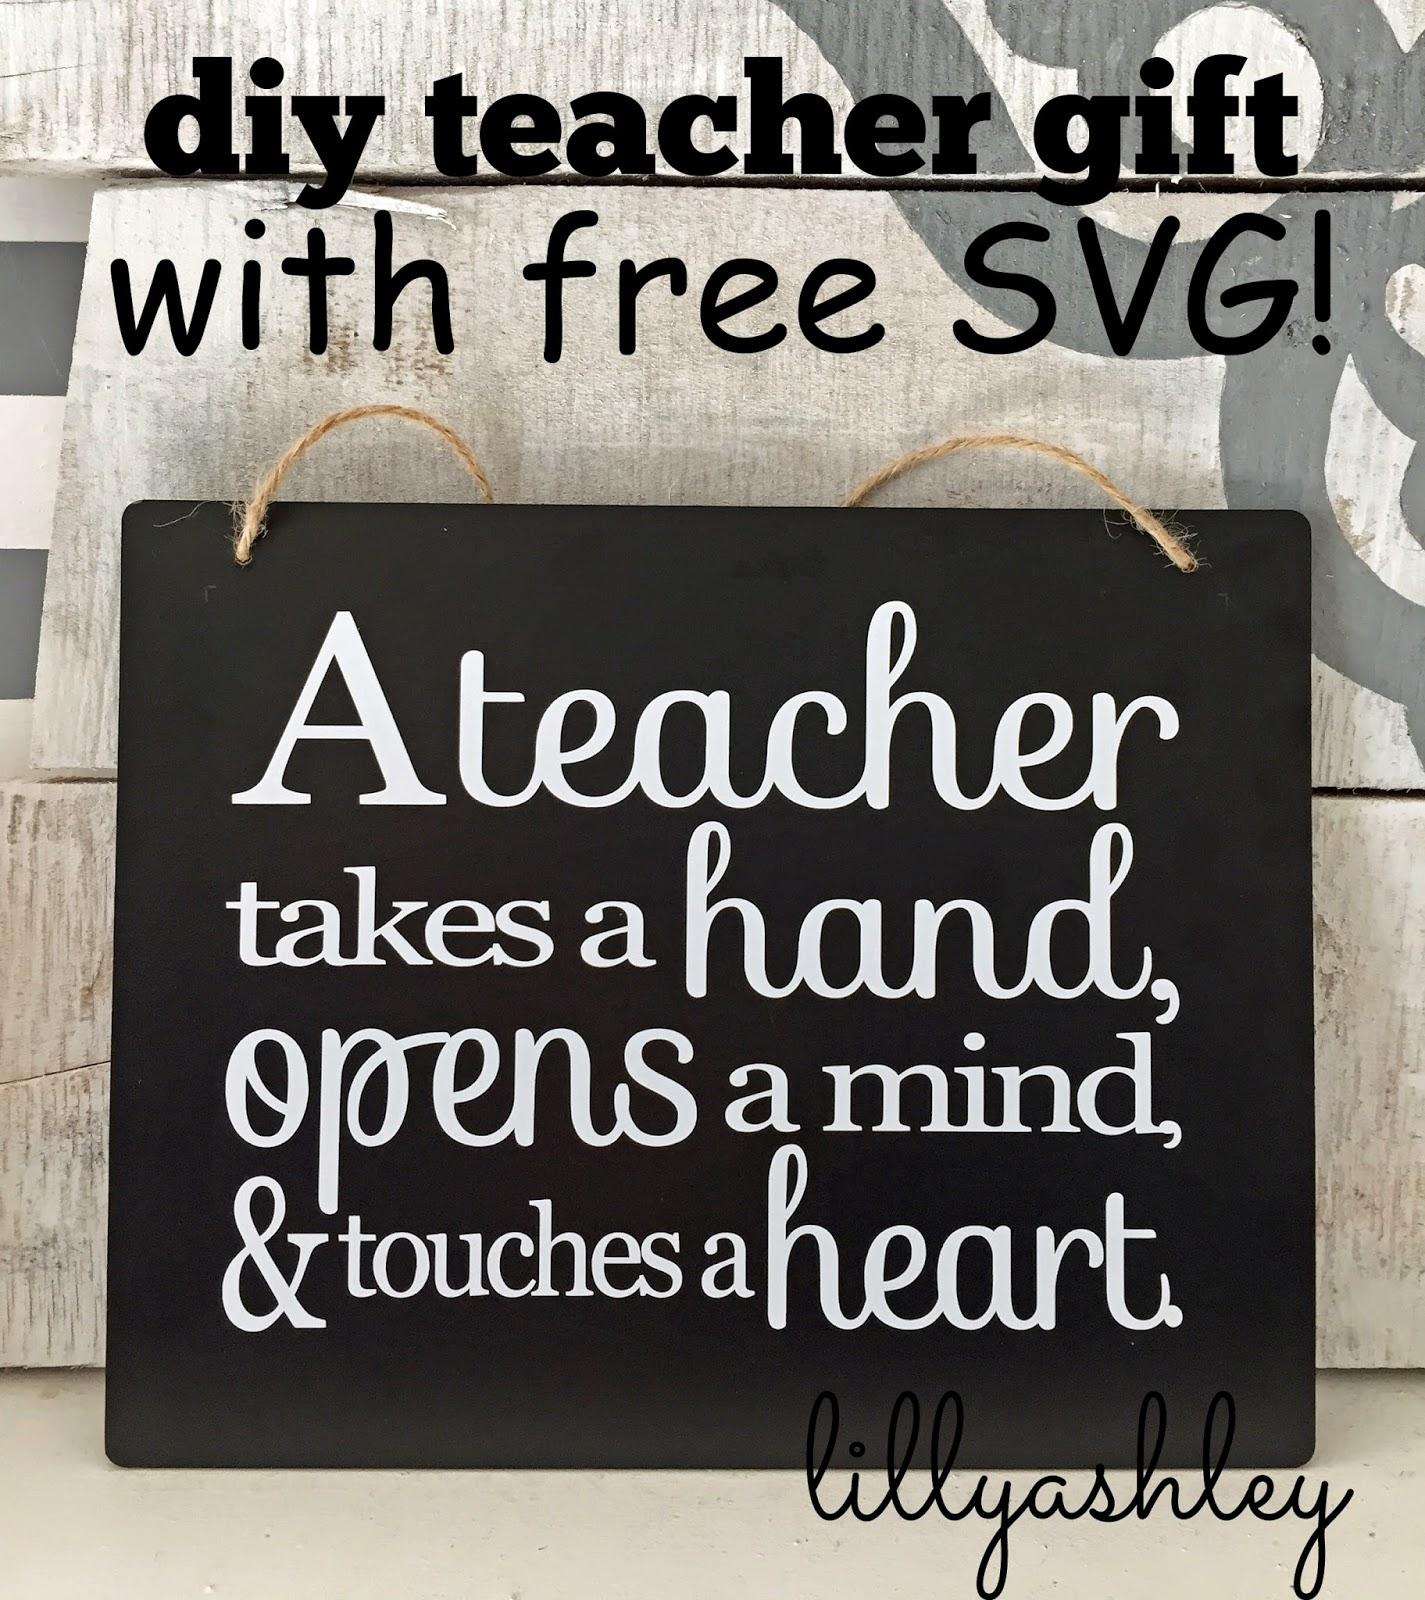 http://4.bp.blogspot.com/-7fuk3UITVJo/VTO7L51KOPI/AAAAAAAAQFY/o-YIFjBBvoc/s1600/TeacherChalkboard%2Bcopy.jpg